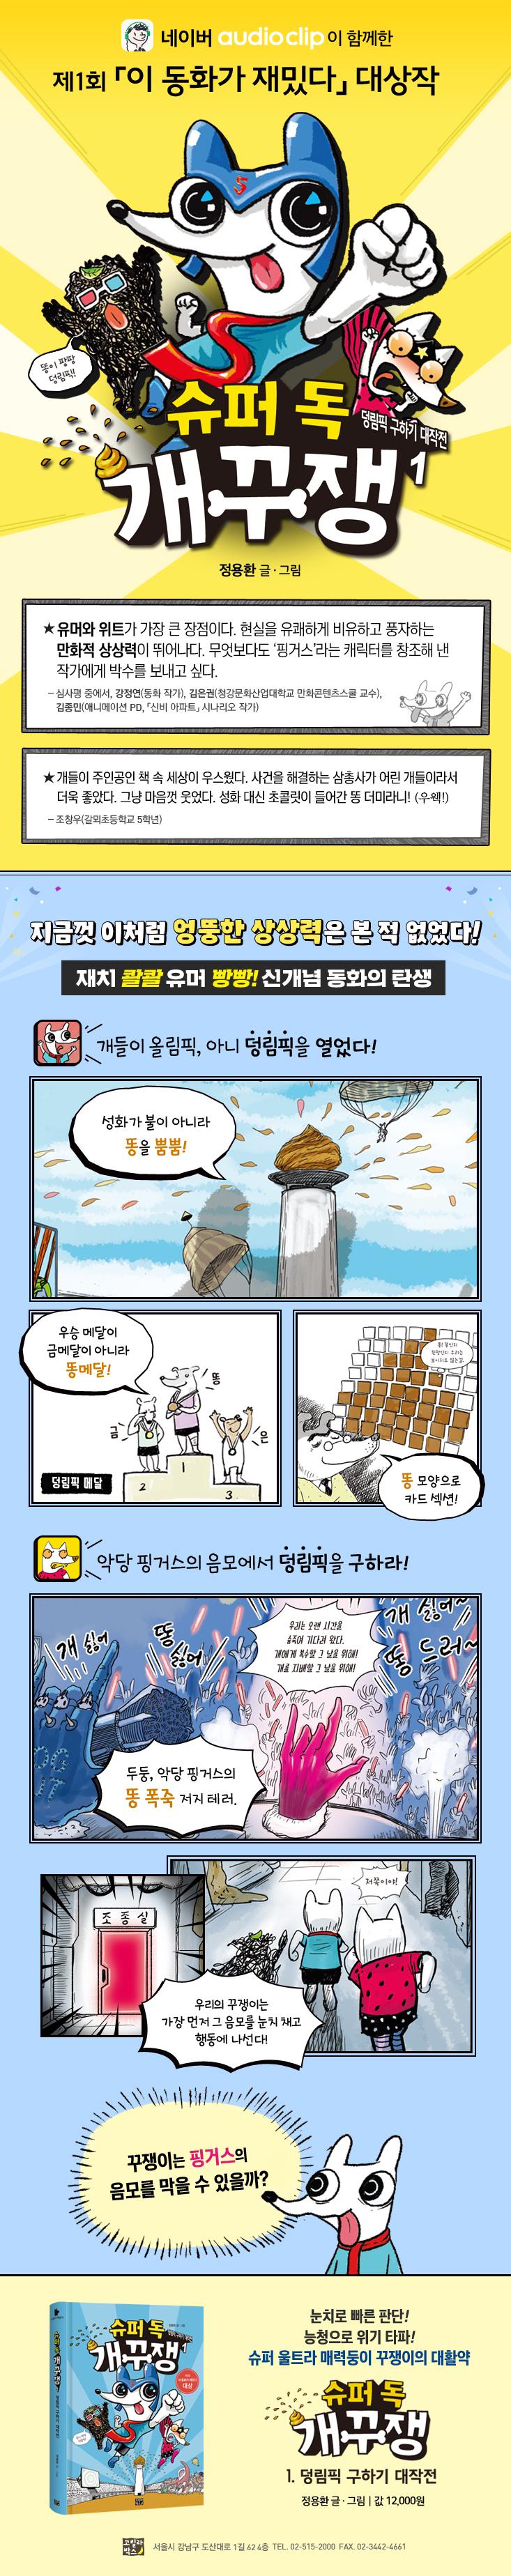 상세페이지_슈퍼독개꾸쟁1덩림픽구하기대작전 _최종)